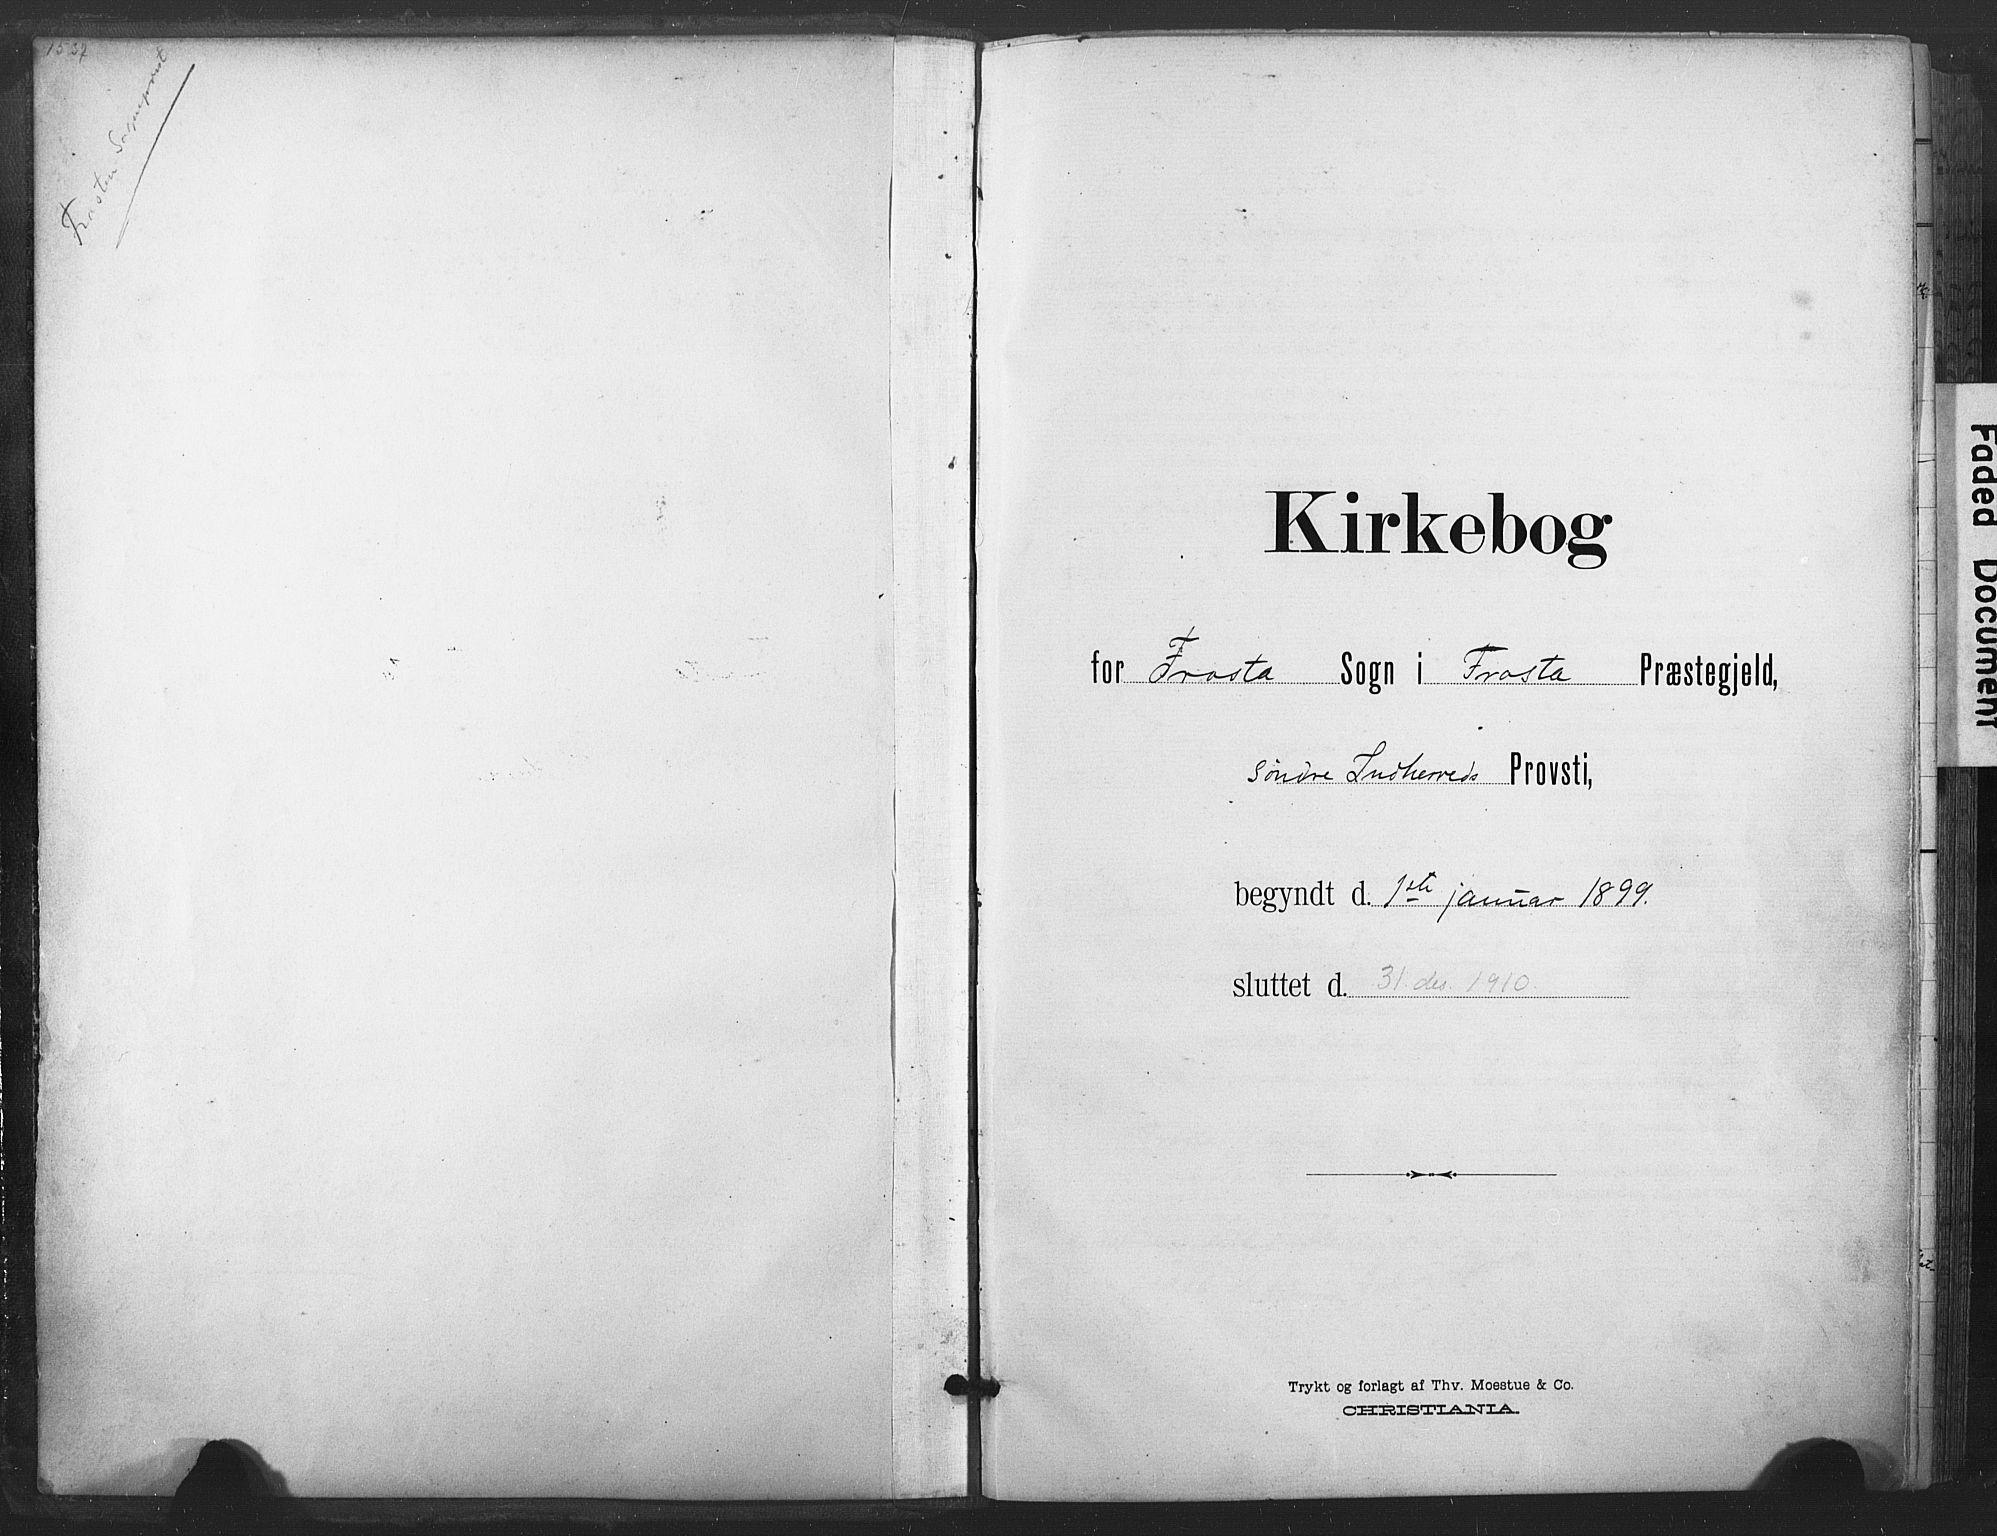 SAT, Ministerialprotokoller, klokkerbøker og fødselsregistre - Nord-Trøndelag, 713/L0122: Parish register (official) no. 713A11, 1899-1910